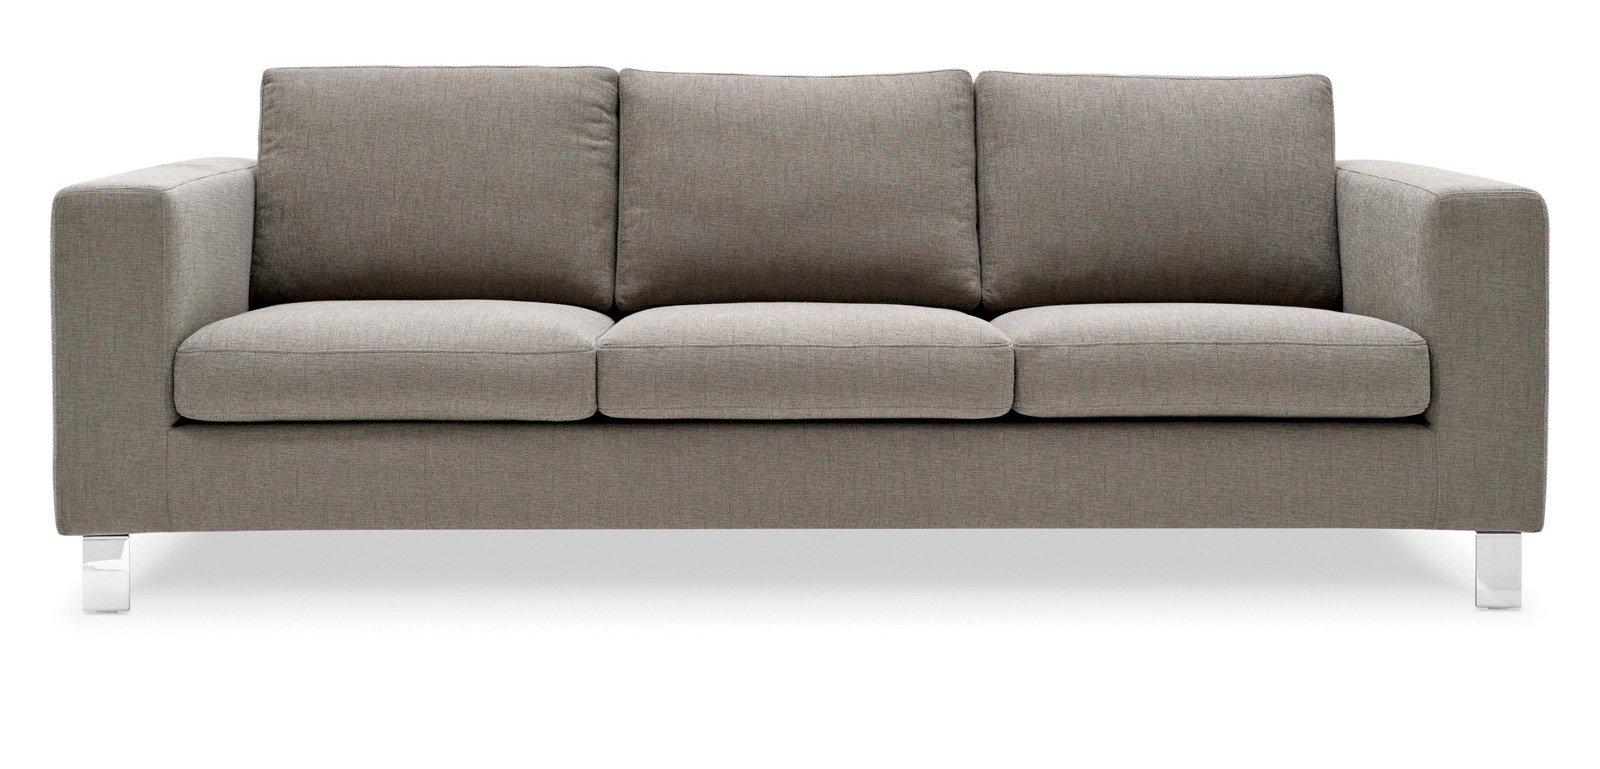 Ricerche correlate a divano letto 2 posti mondo - Divano letto 2 posti amazon ...